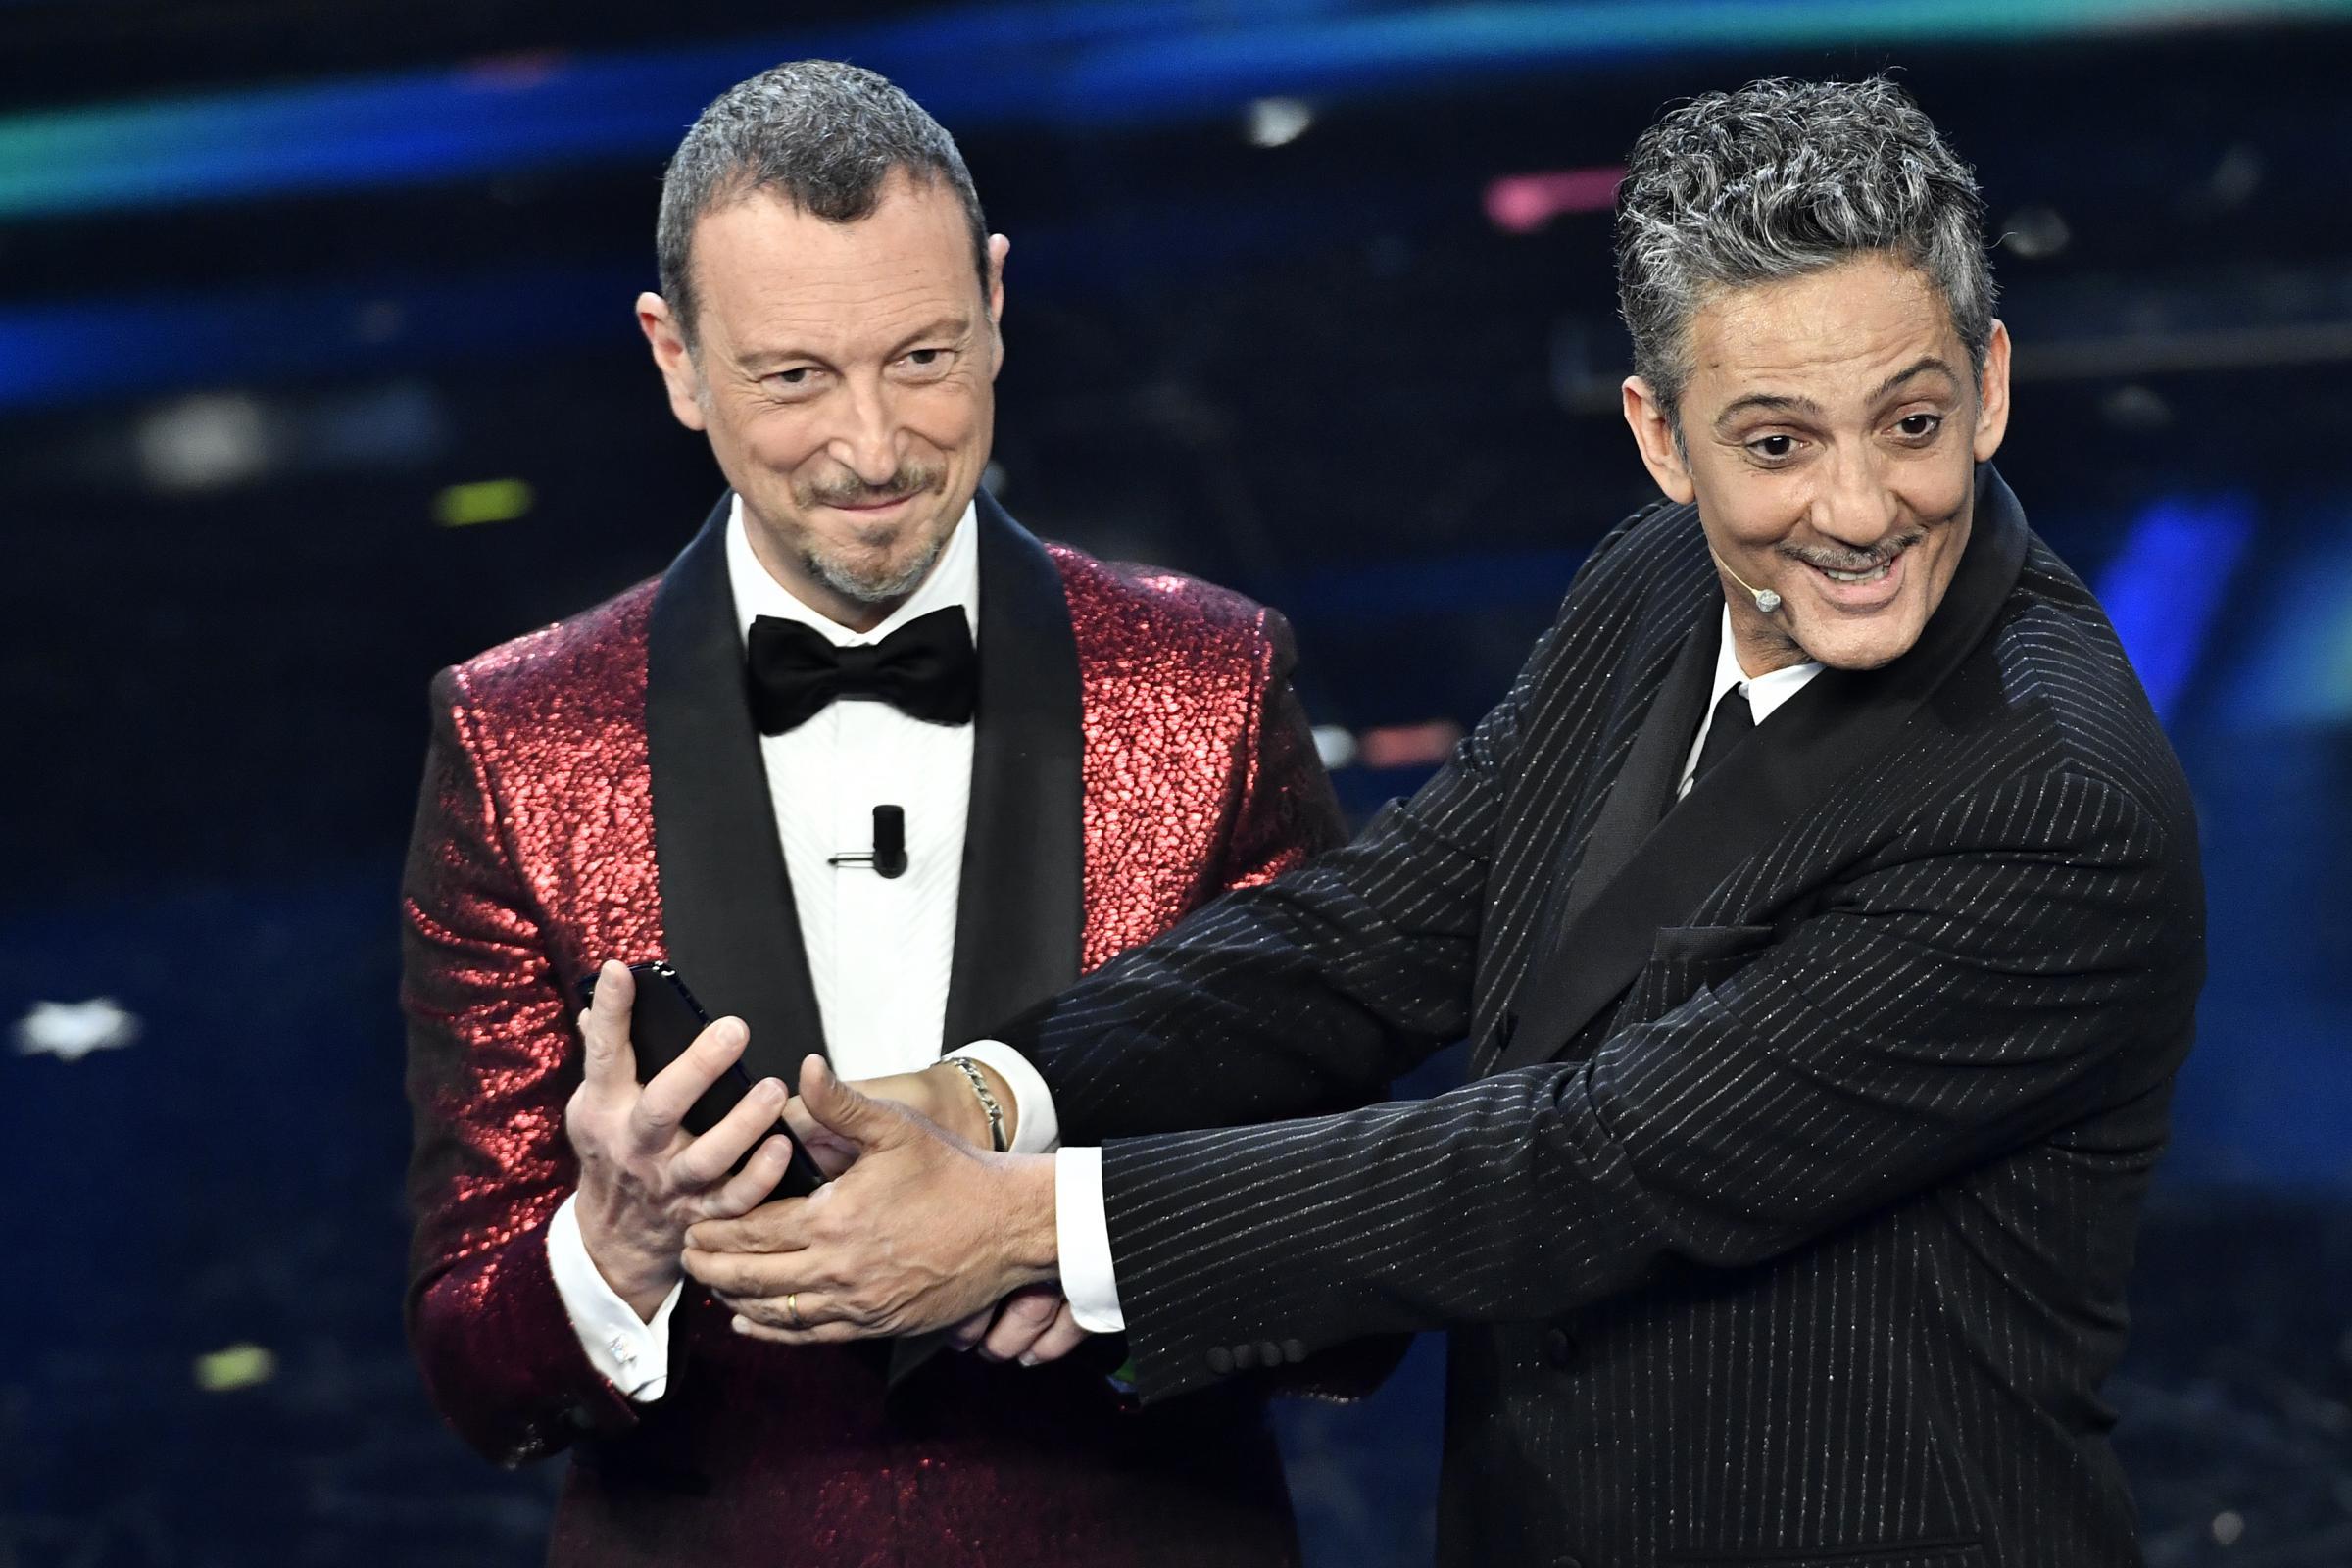 LIVE Sanremo 2021 oggi, Finale in DIRETTA. La rimonta di Michielin e Fedez! In finale con Maneskin ed Ermal Meta